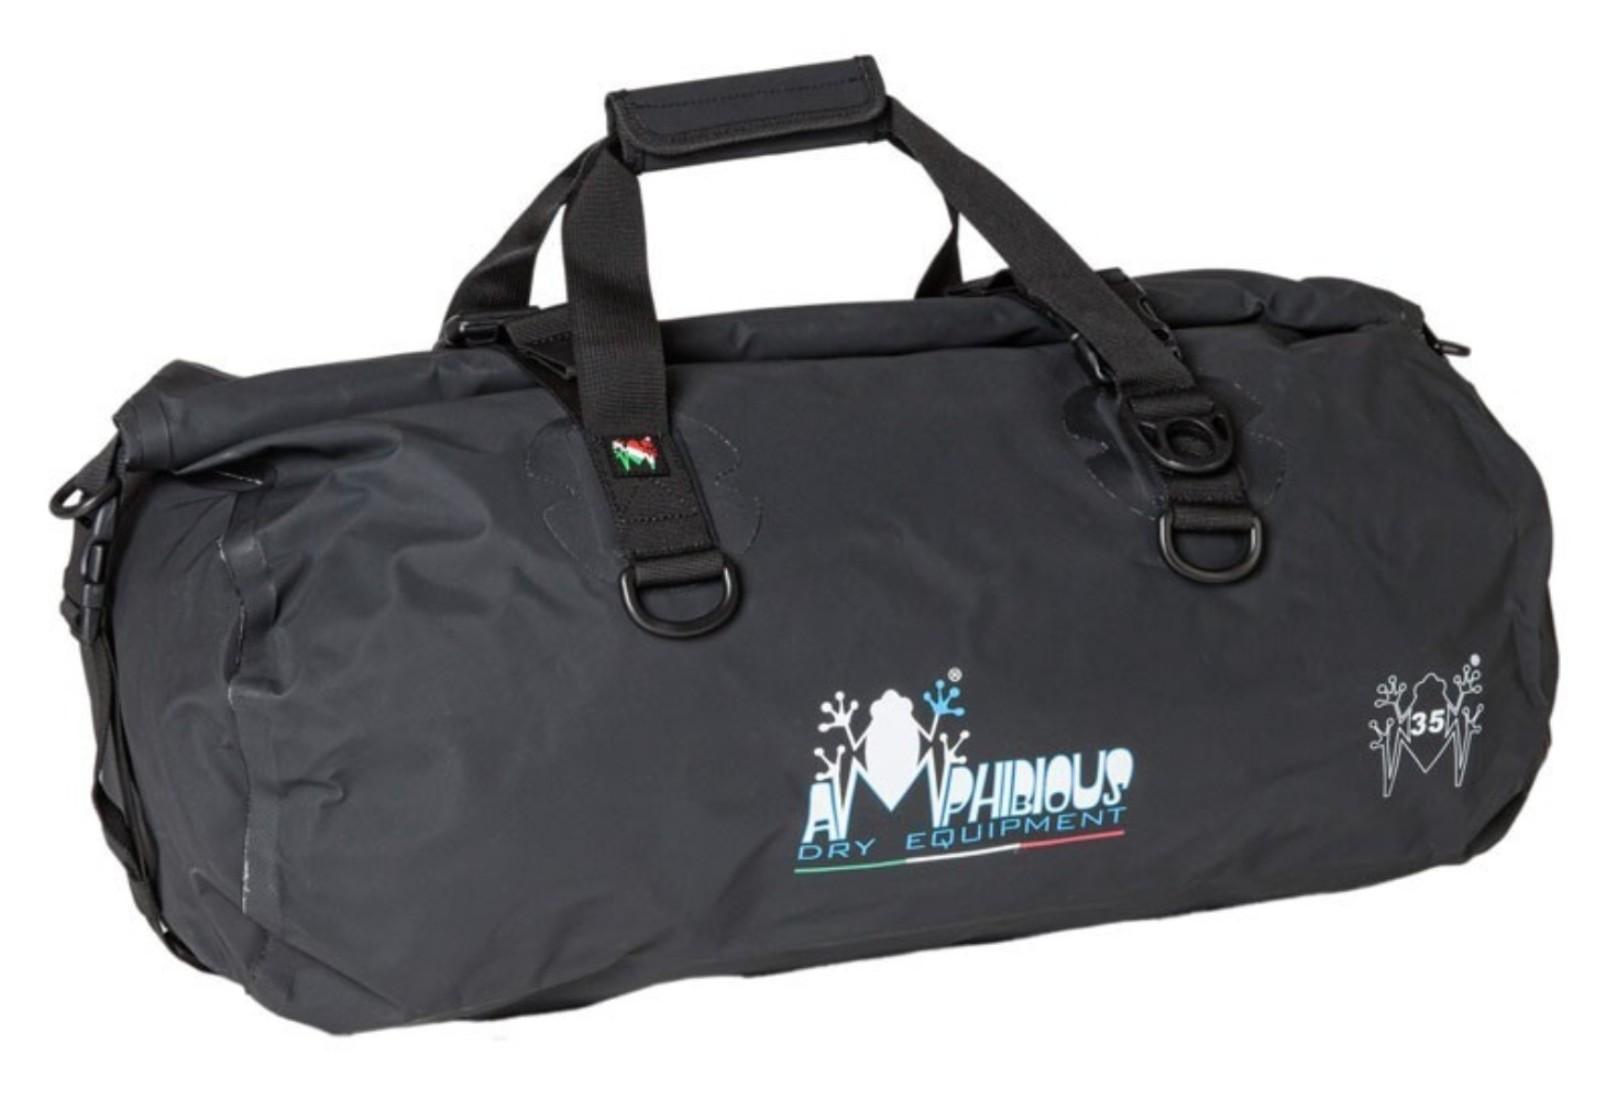 3cdbd6af49c3 Спортивная сумка для туризма и путешествий объемом 35 литров. Сумка для  спортивных вещей в Минске